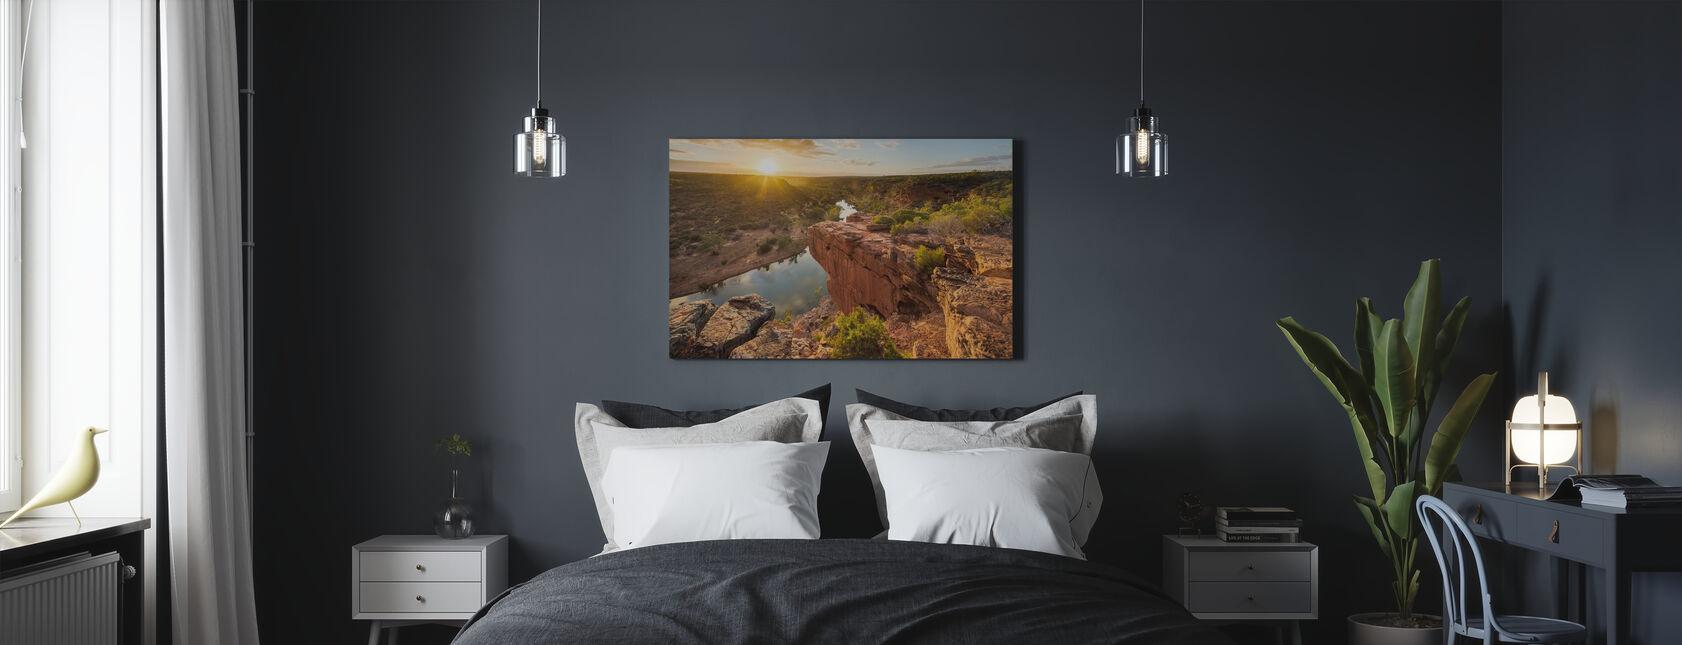 Hawk's hoofd uitkijk - Canvas print - Slaapkamer